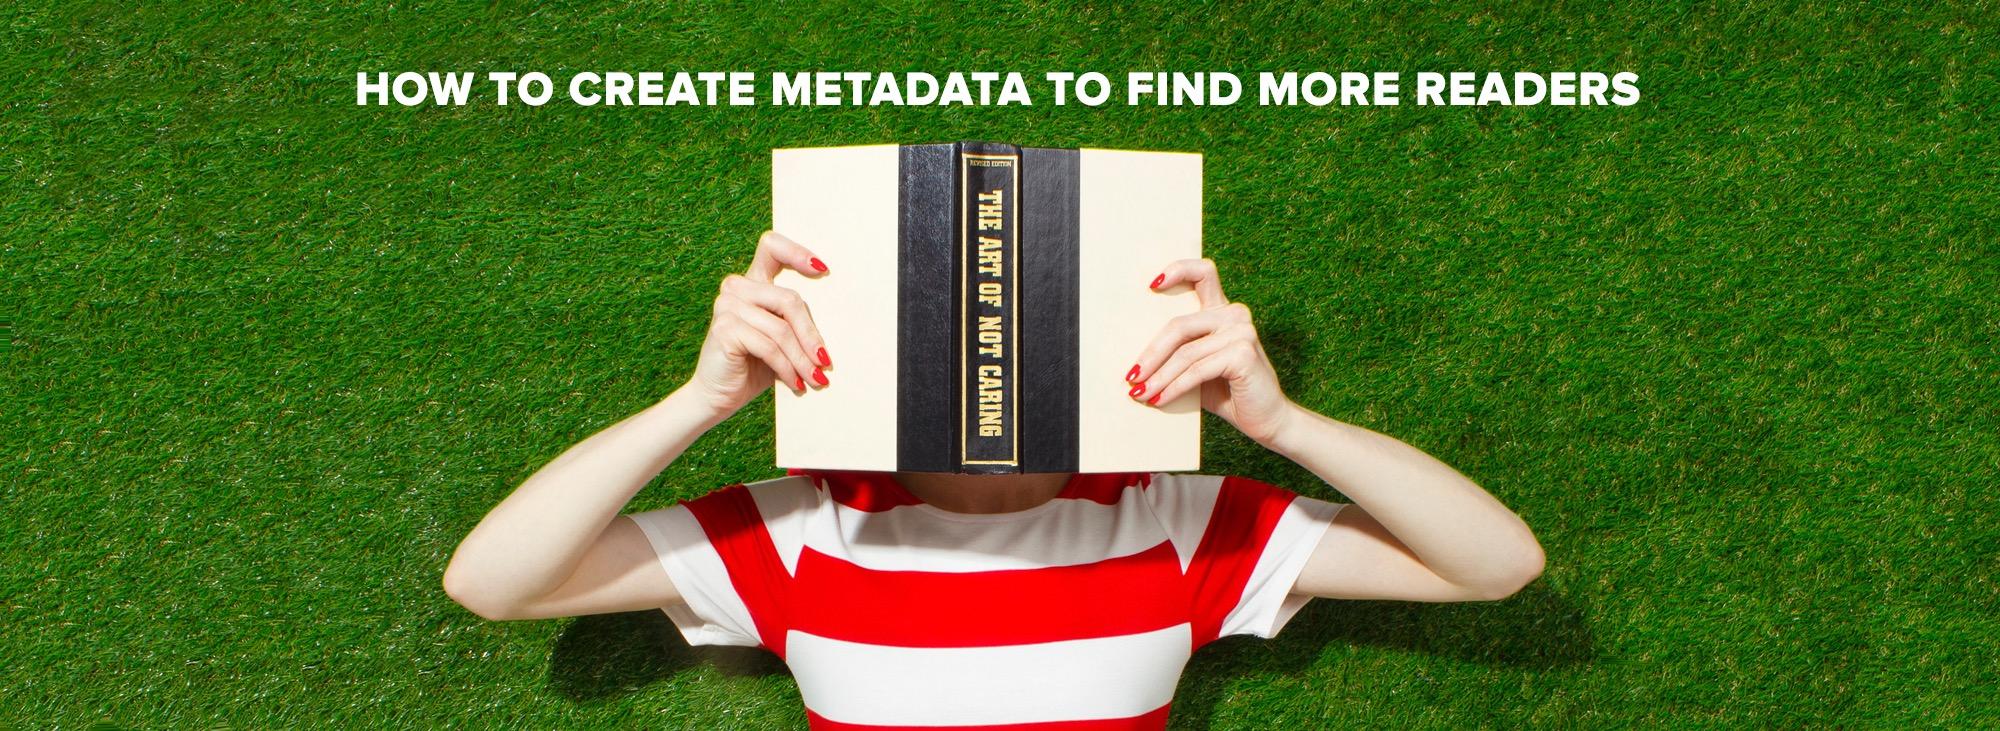 HOW-TO-CREATE-METADATA-IMG.jpeg